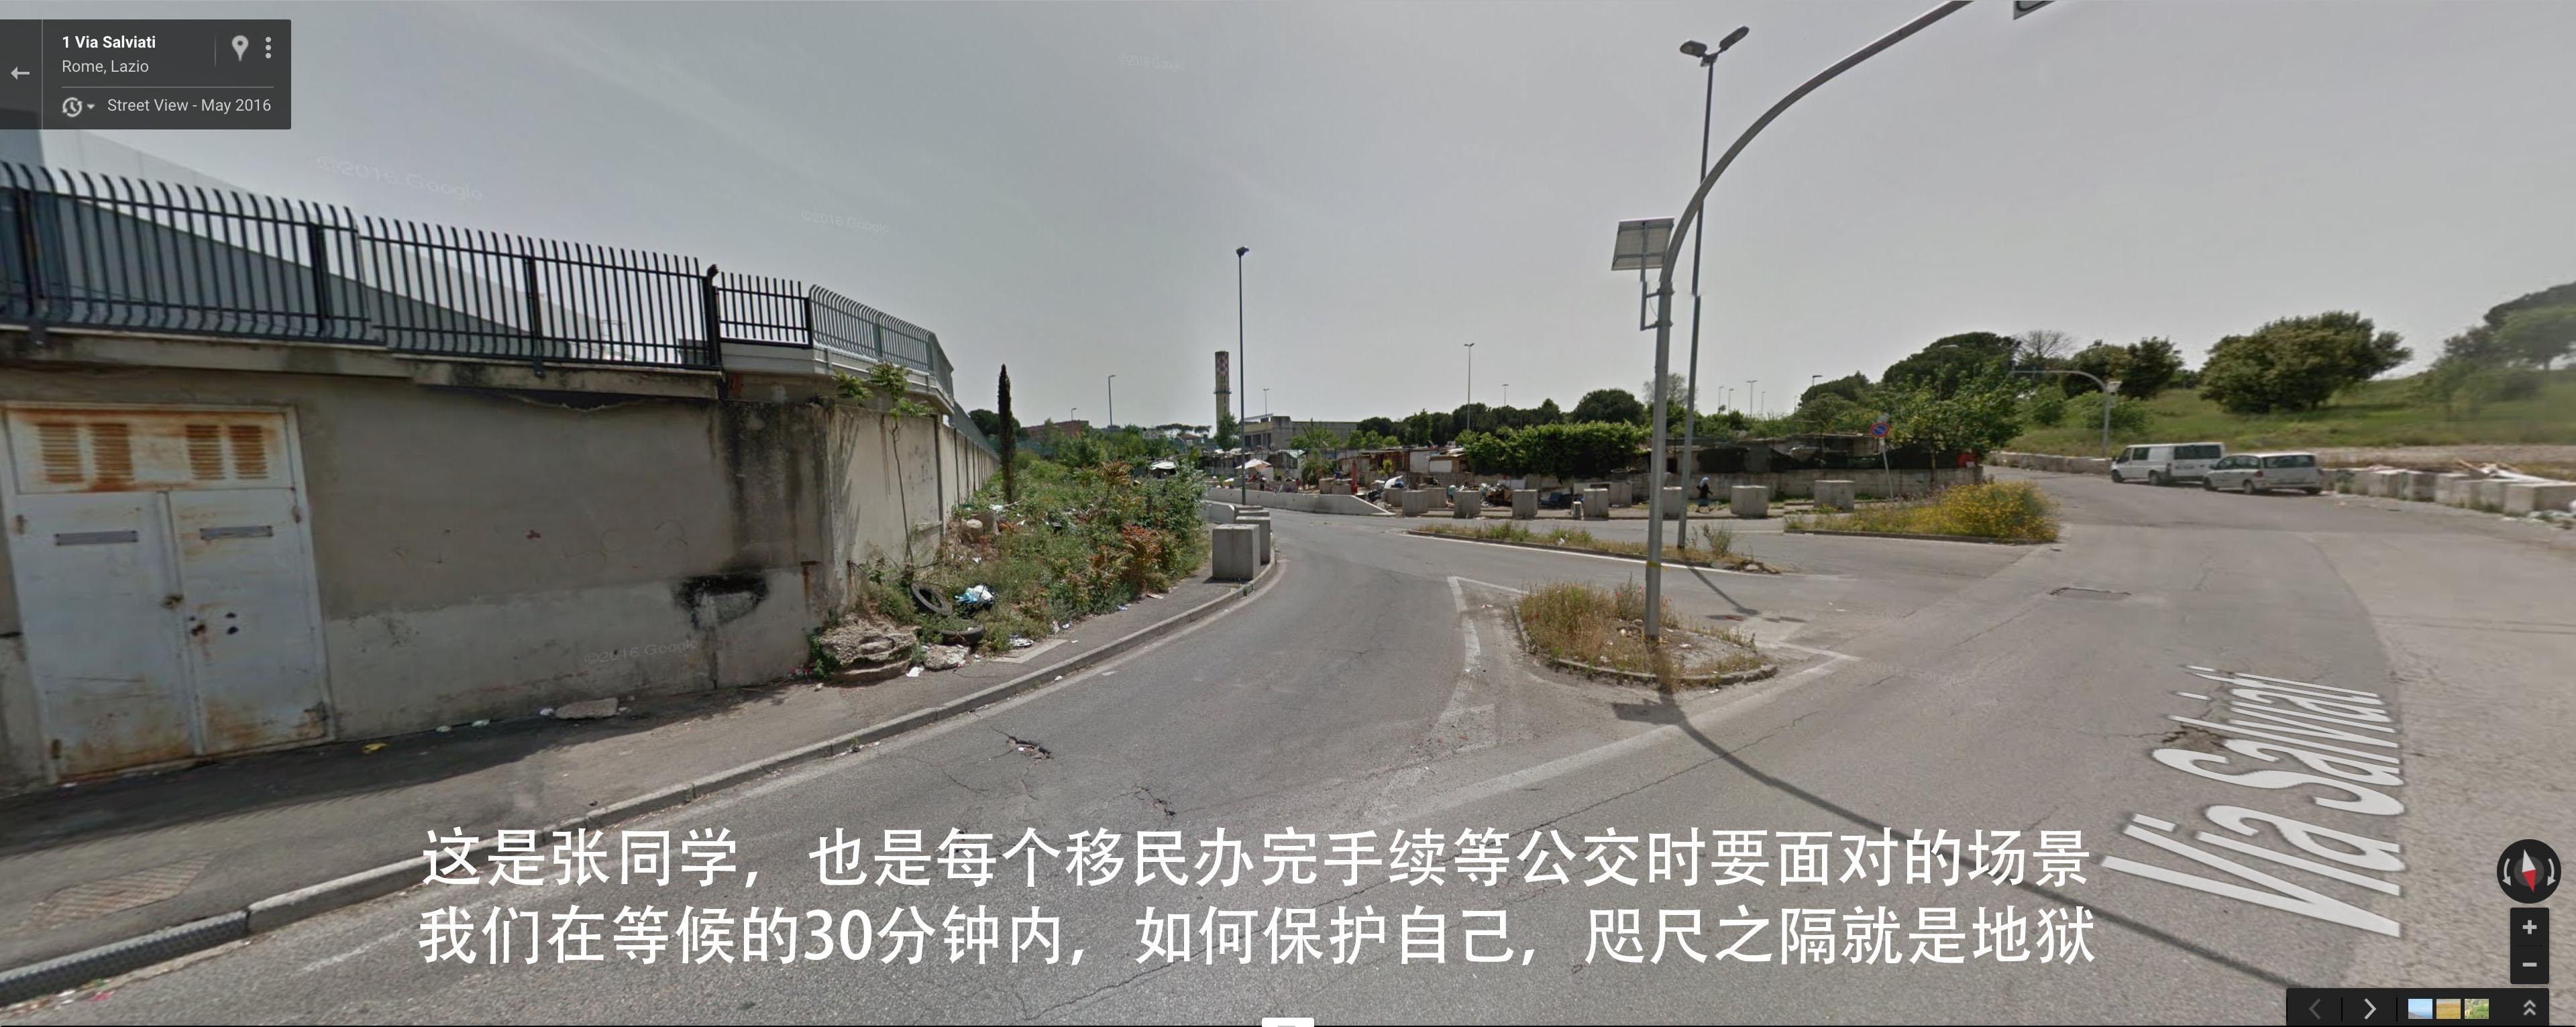 中国 罗马/如何看待中国一名女留学生在罗马遭抢劫失联遇害?